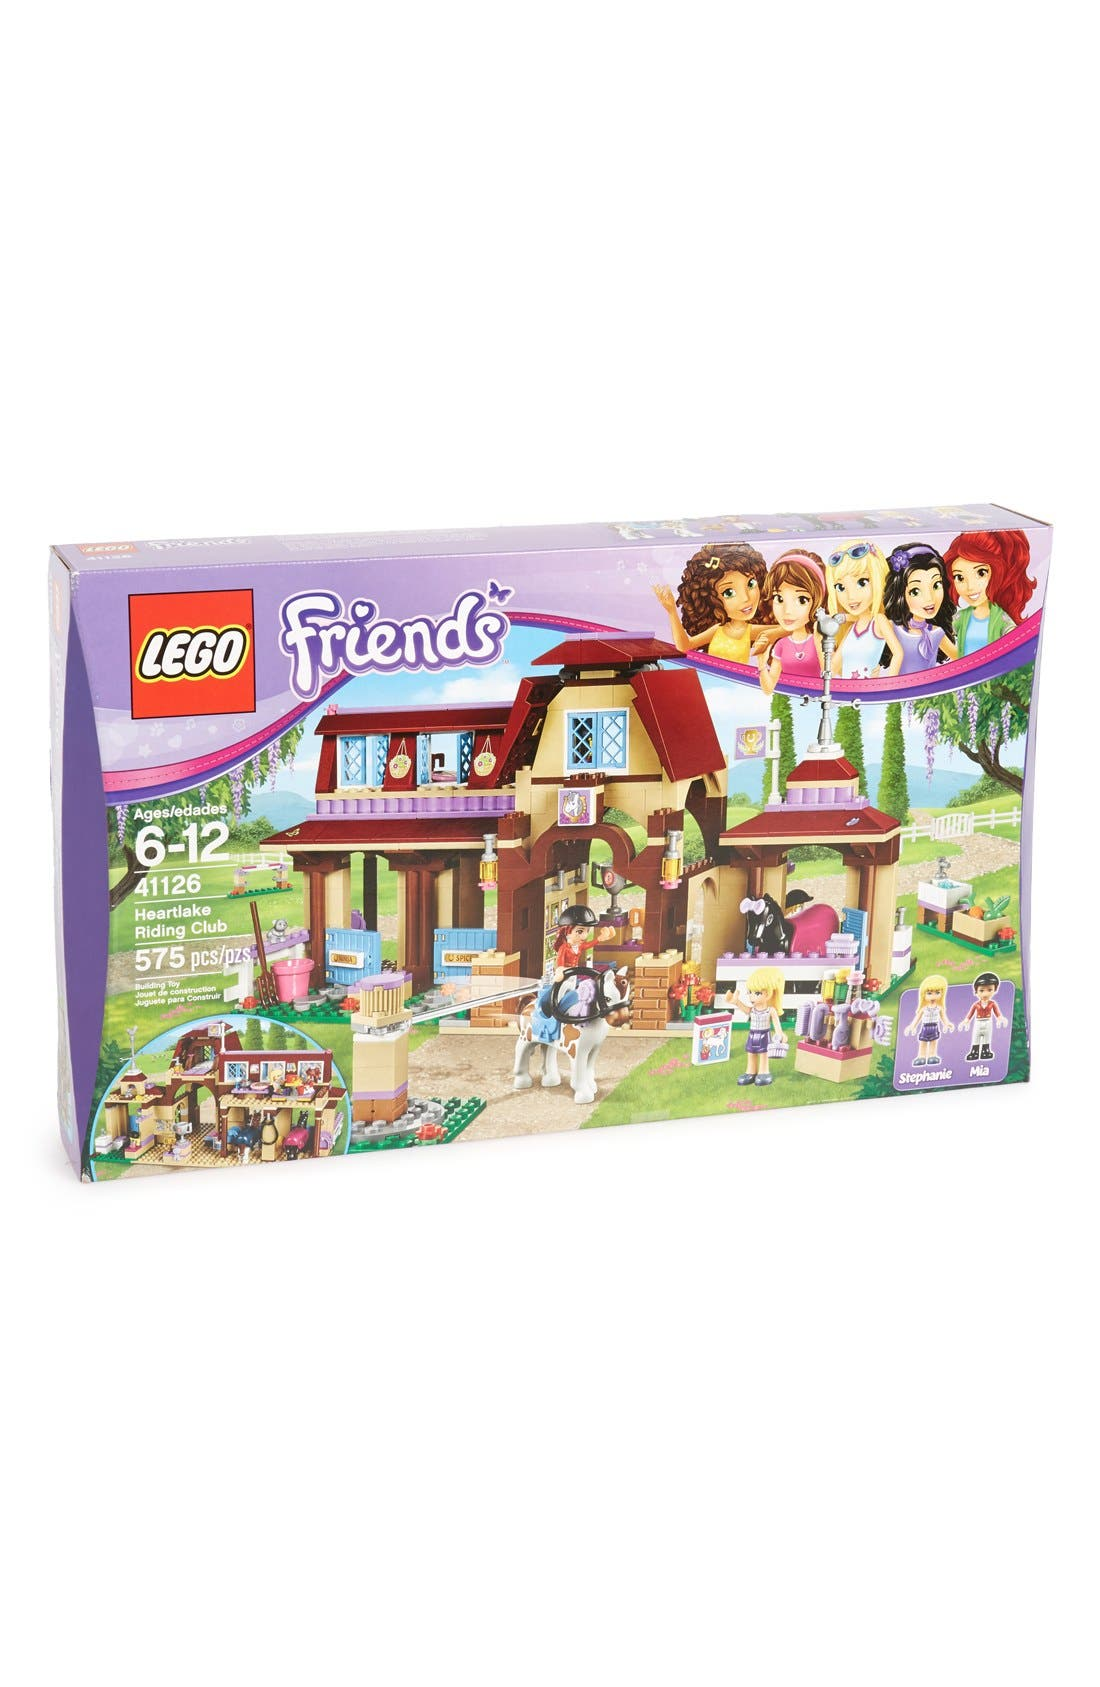 LEGO® Friends Heartlake Riding Club - 41126